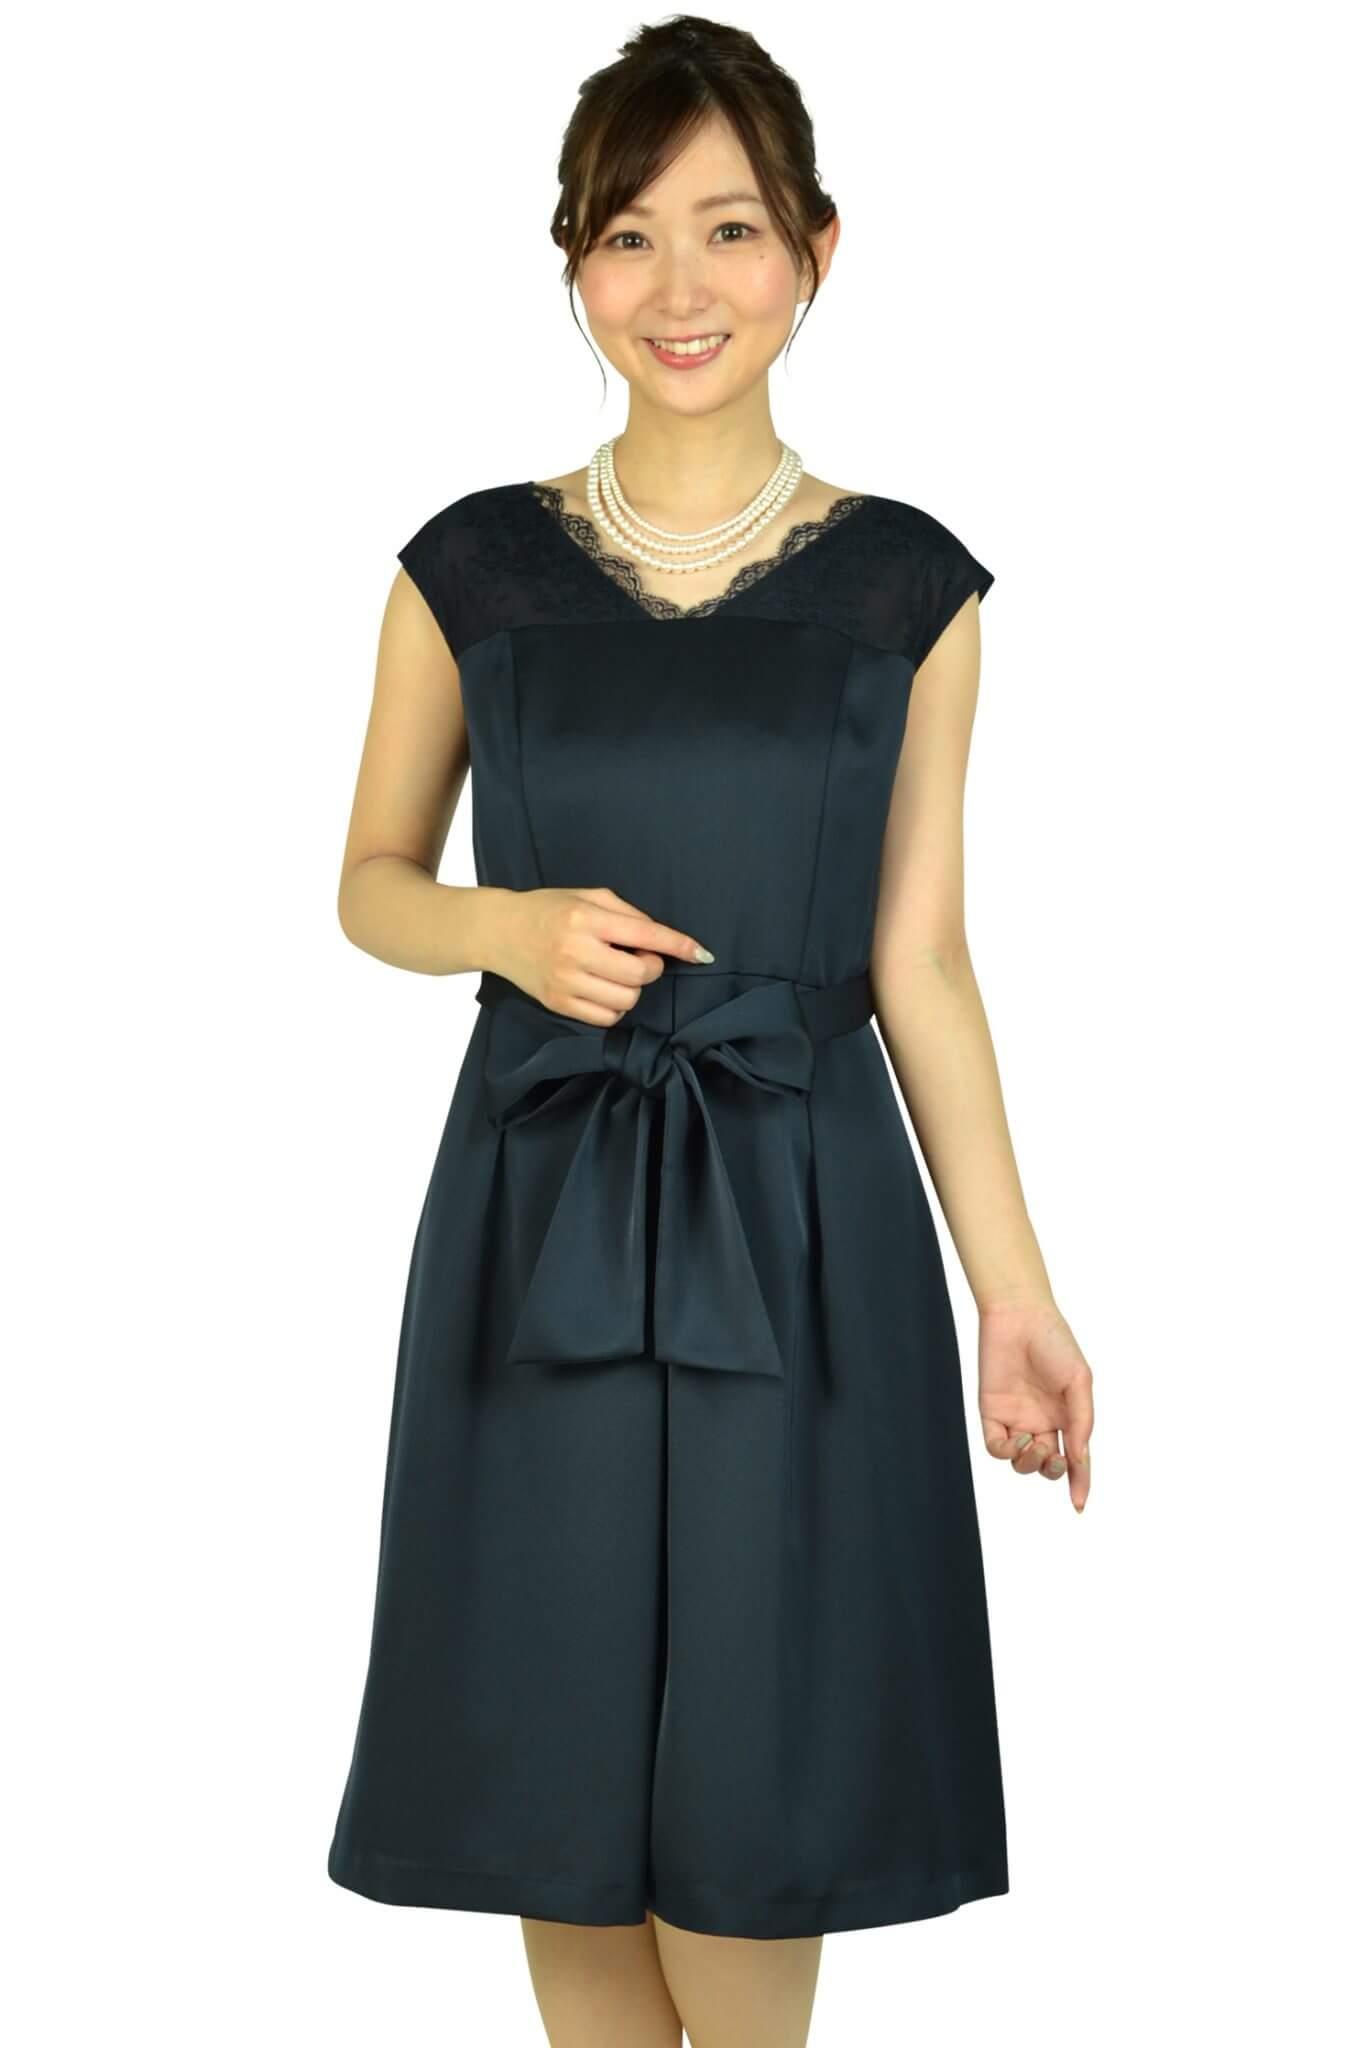 エニィスィス (anySiS)Vネックレースネイビードレス